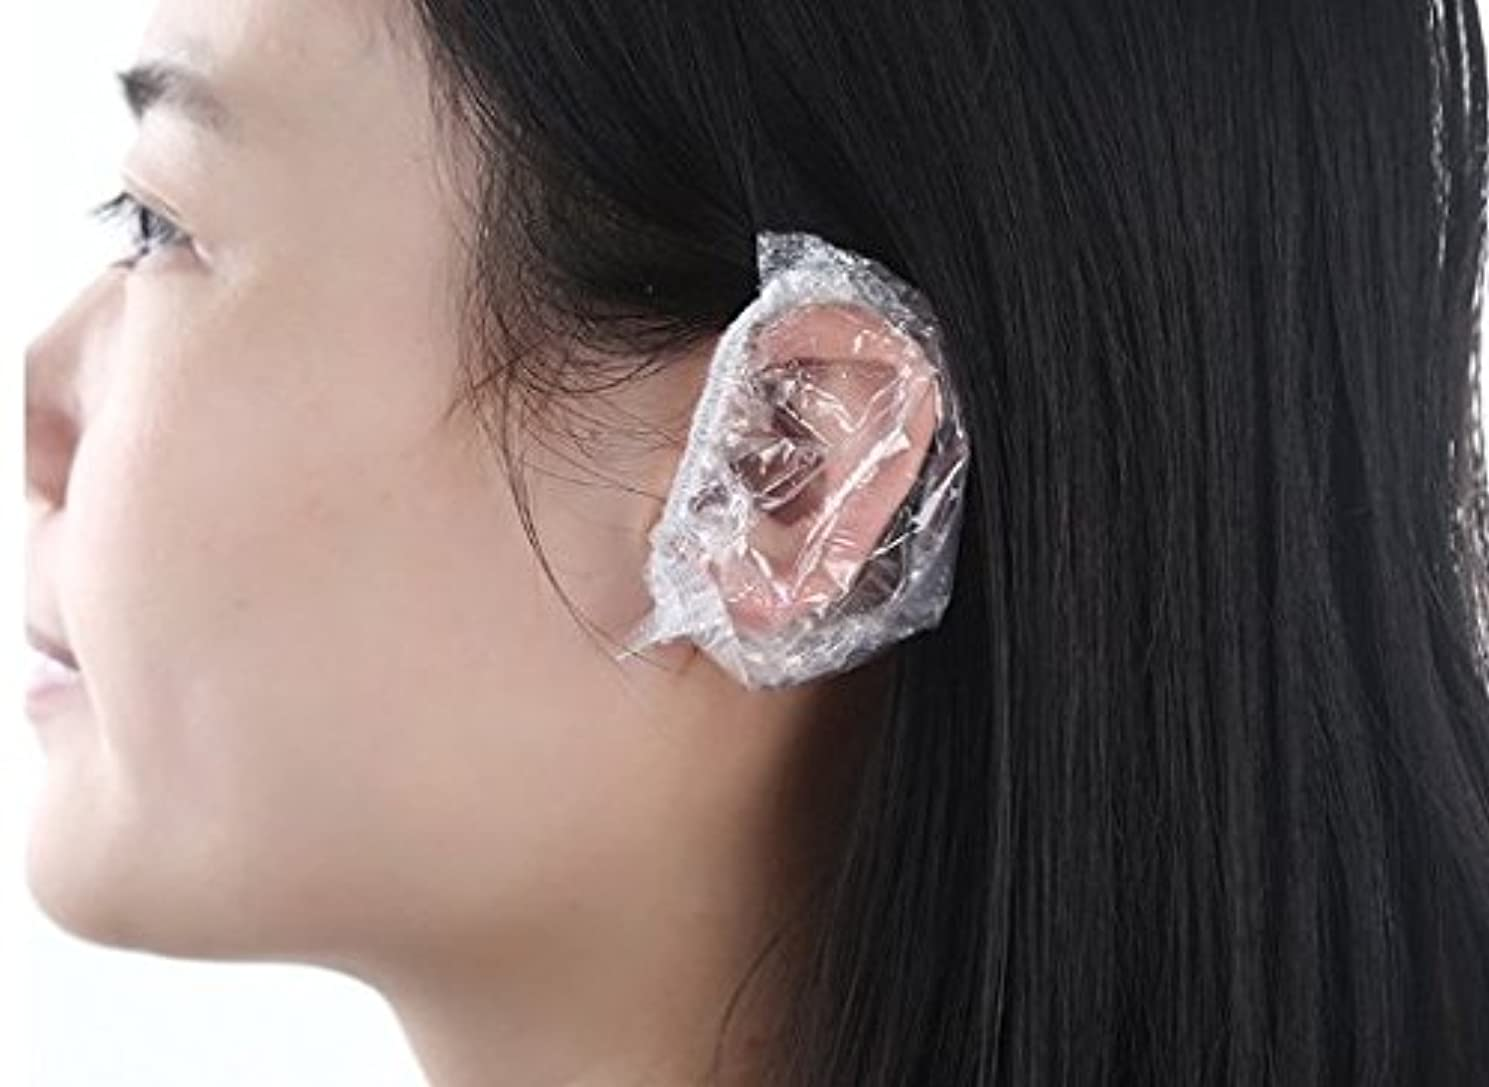 療法ふけるありがたい(all lead )毛染め用 シャワーキャップ 髪染め 耳キャップ 耳カバー イヤーキャップ 使い捨て(100枚)